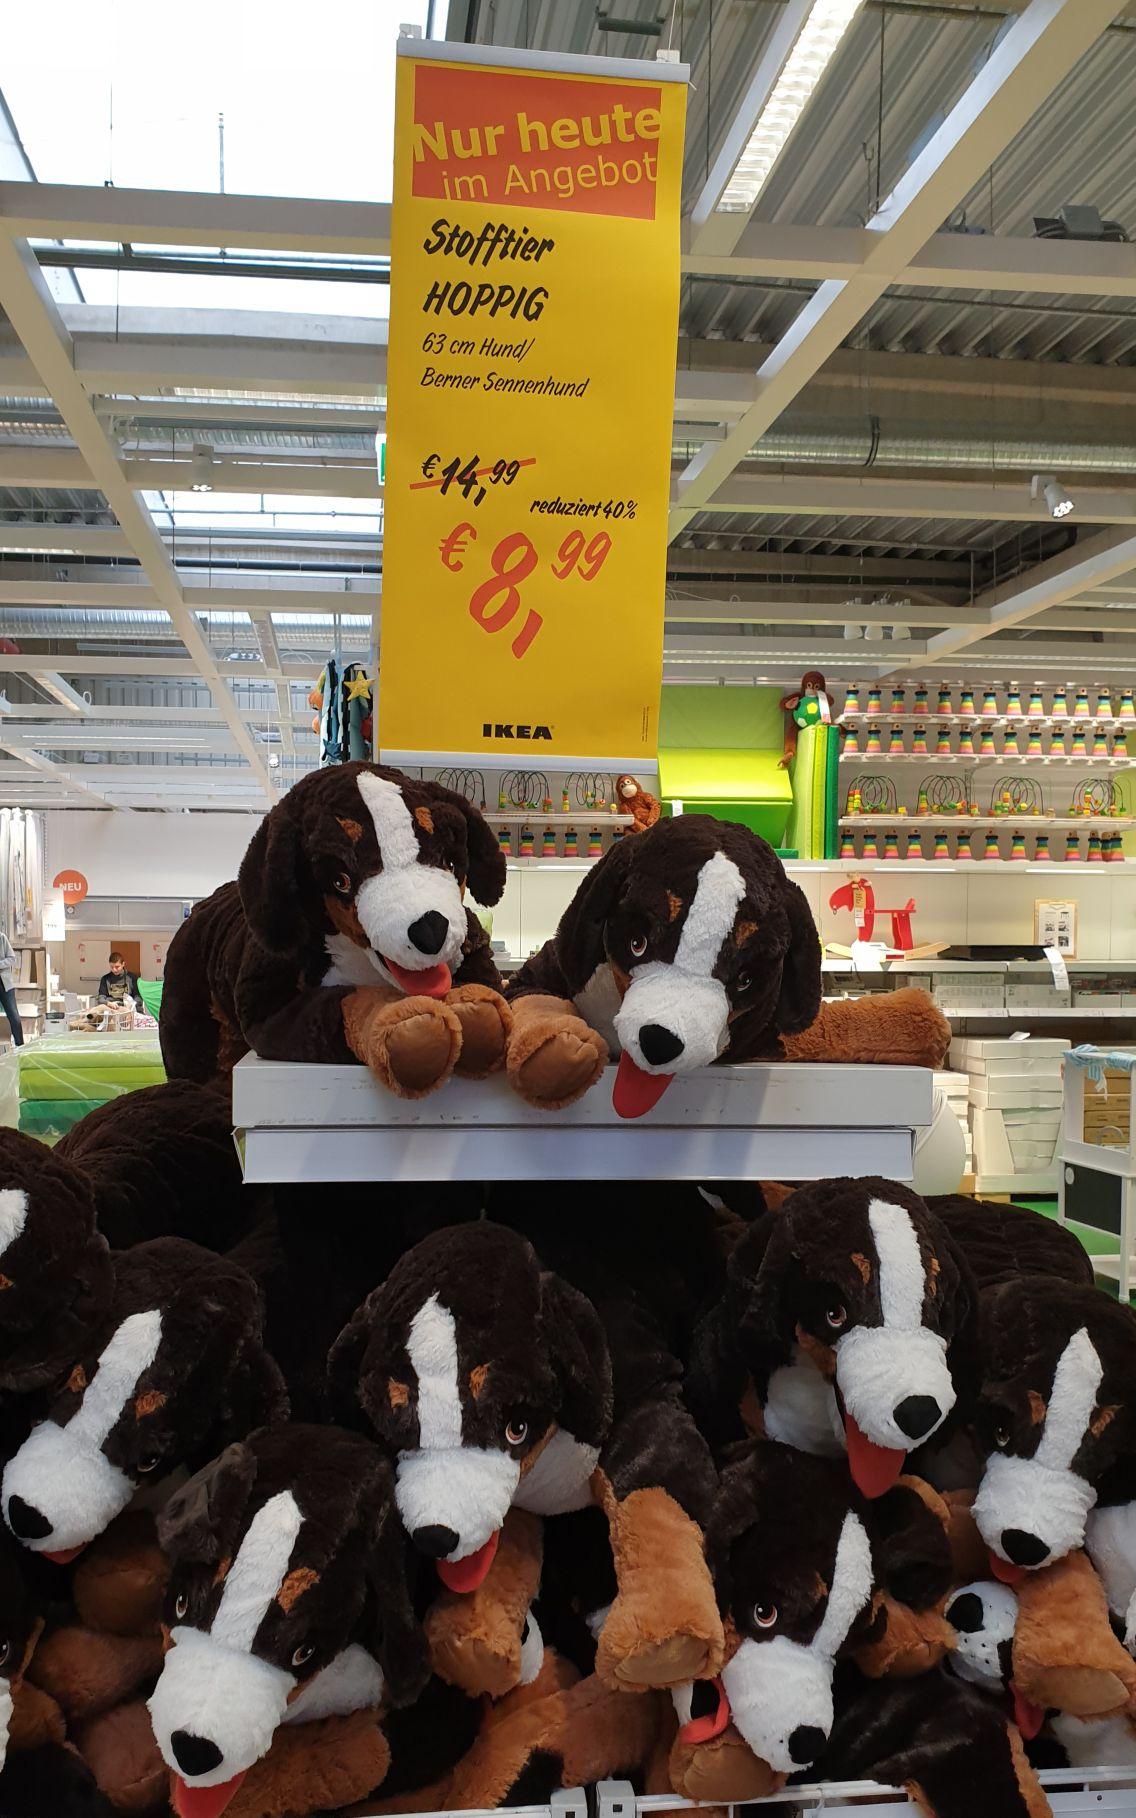 HOPPIG Plüschhund 63 cm groß. / IKEA SALZBURG